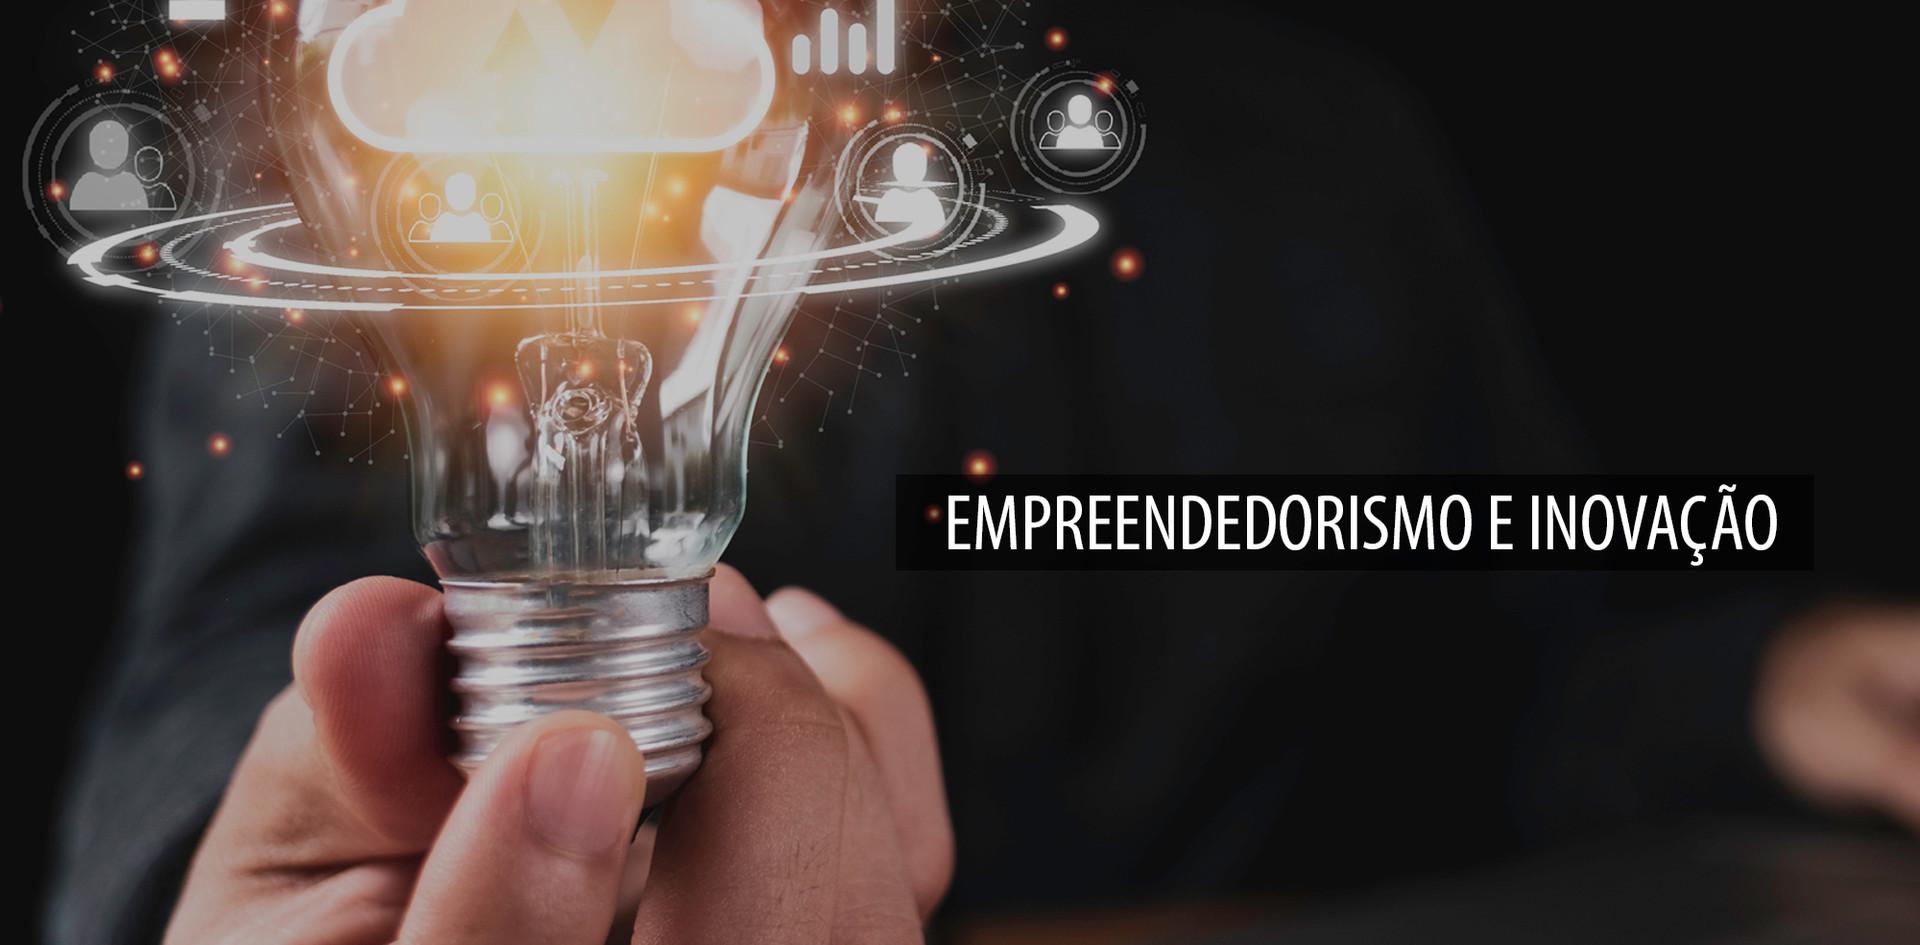 EMPREENDEDORISMO_E_INOVAÇÃO.jpg